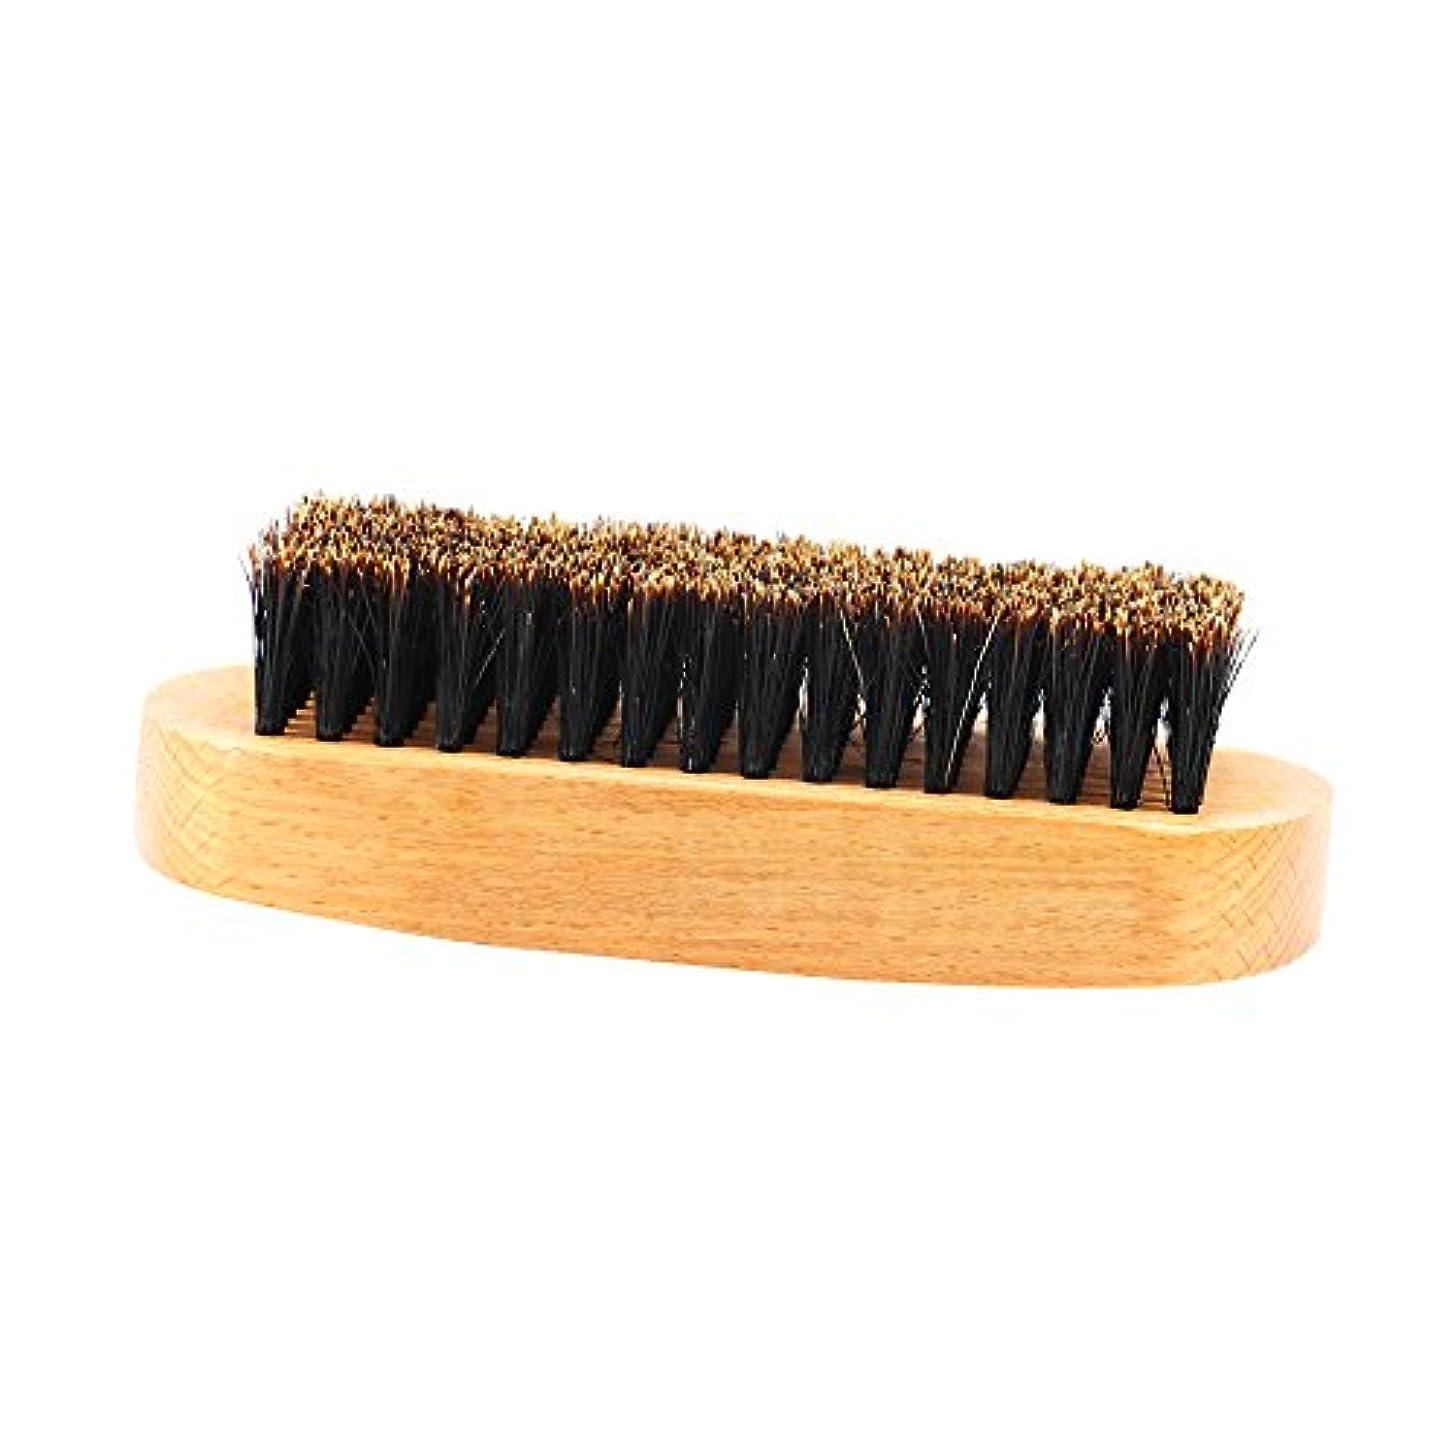 暗殺者先緩む人の口ひげのスタイリングの手入れをすることのための木のハンドルのひげのブラシのイノシシの剛毛 - #1